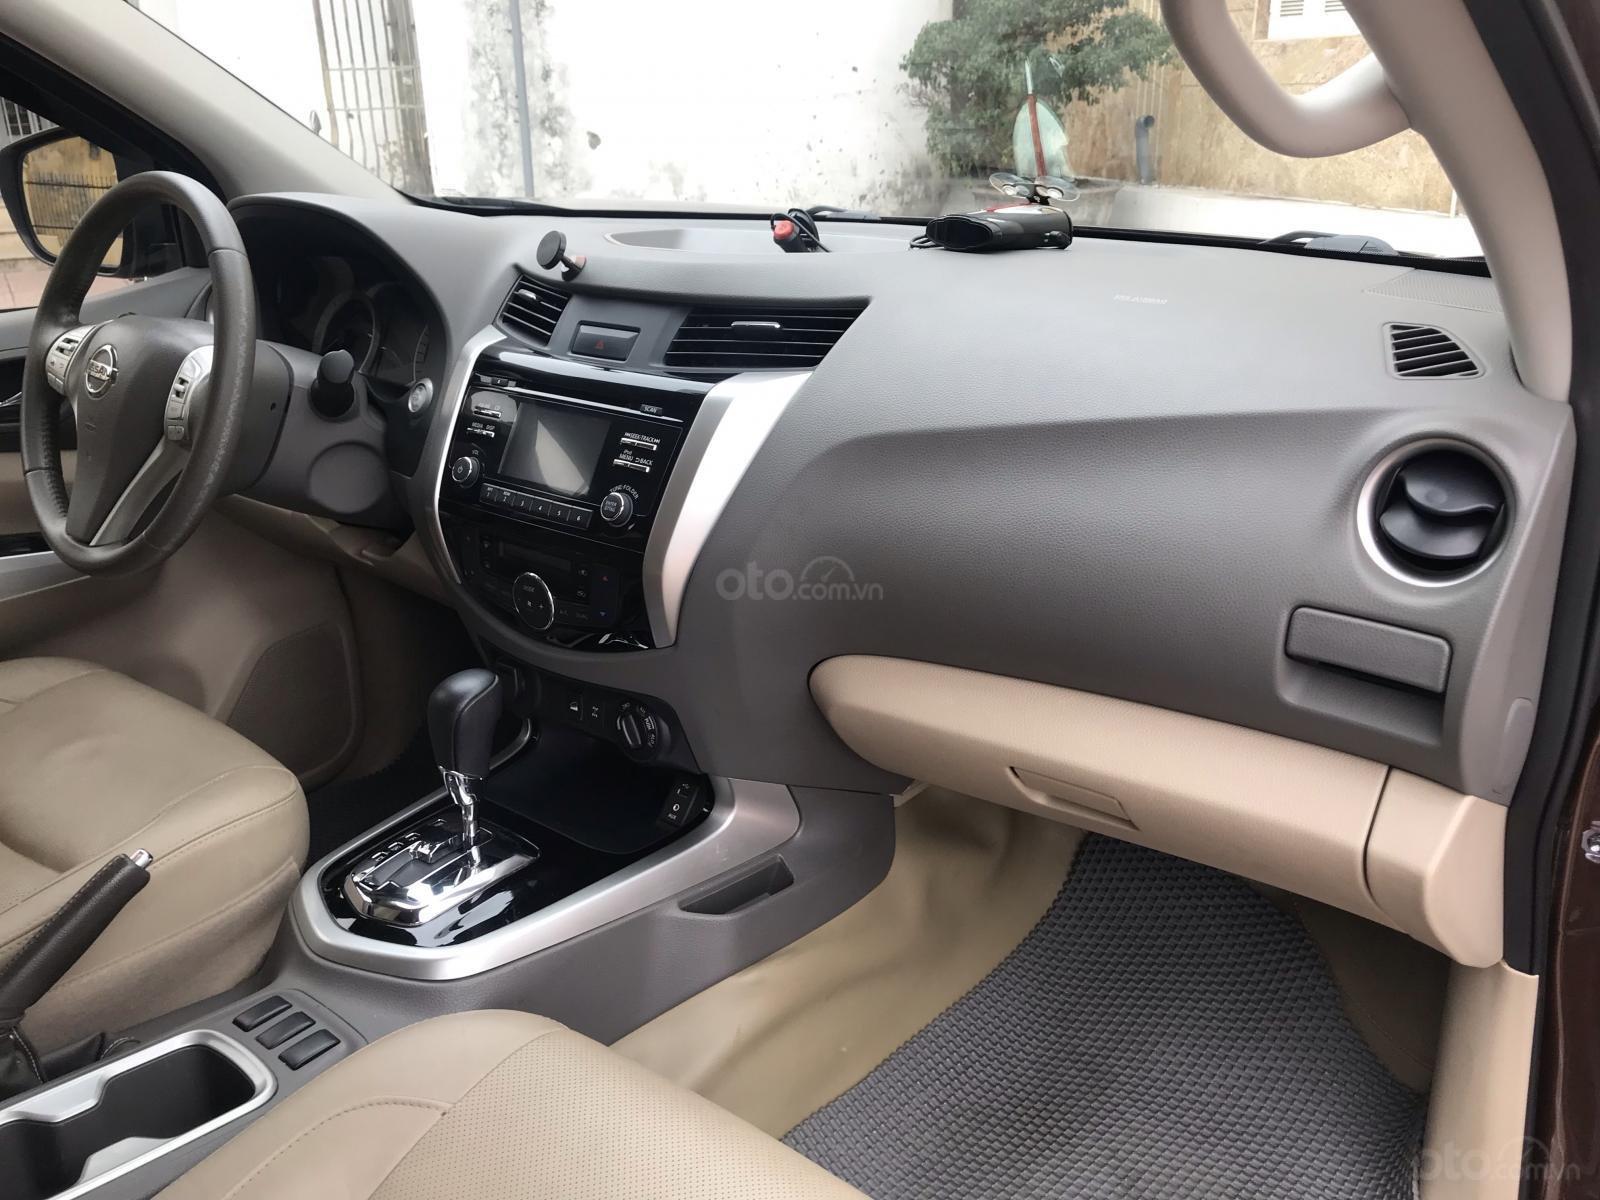 Bán Nissan Navara VL sản xuất năm 2016, màu nâu, nhập khẩu nguyên chiếc, giá chỉ 675 triệu-10